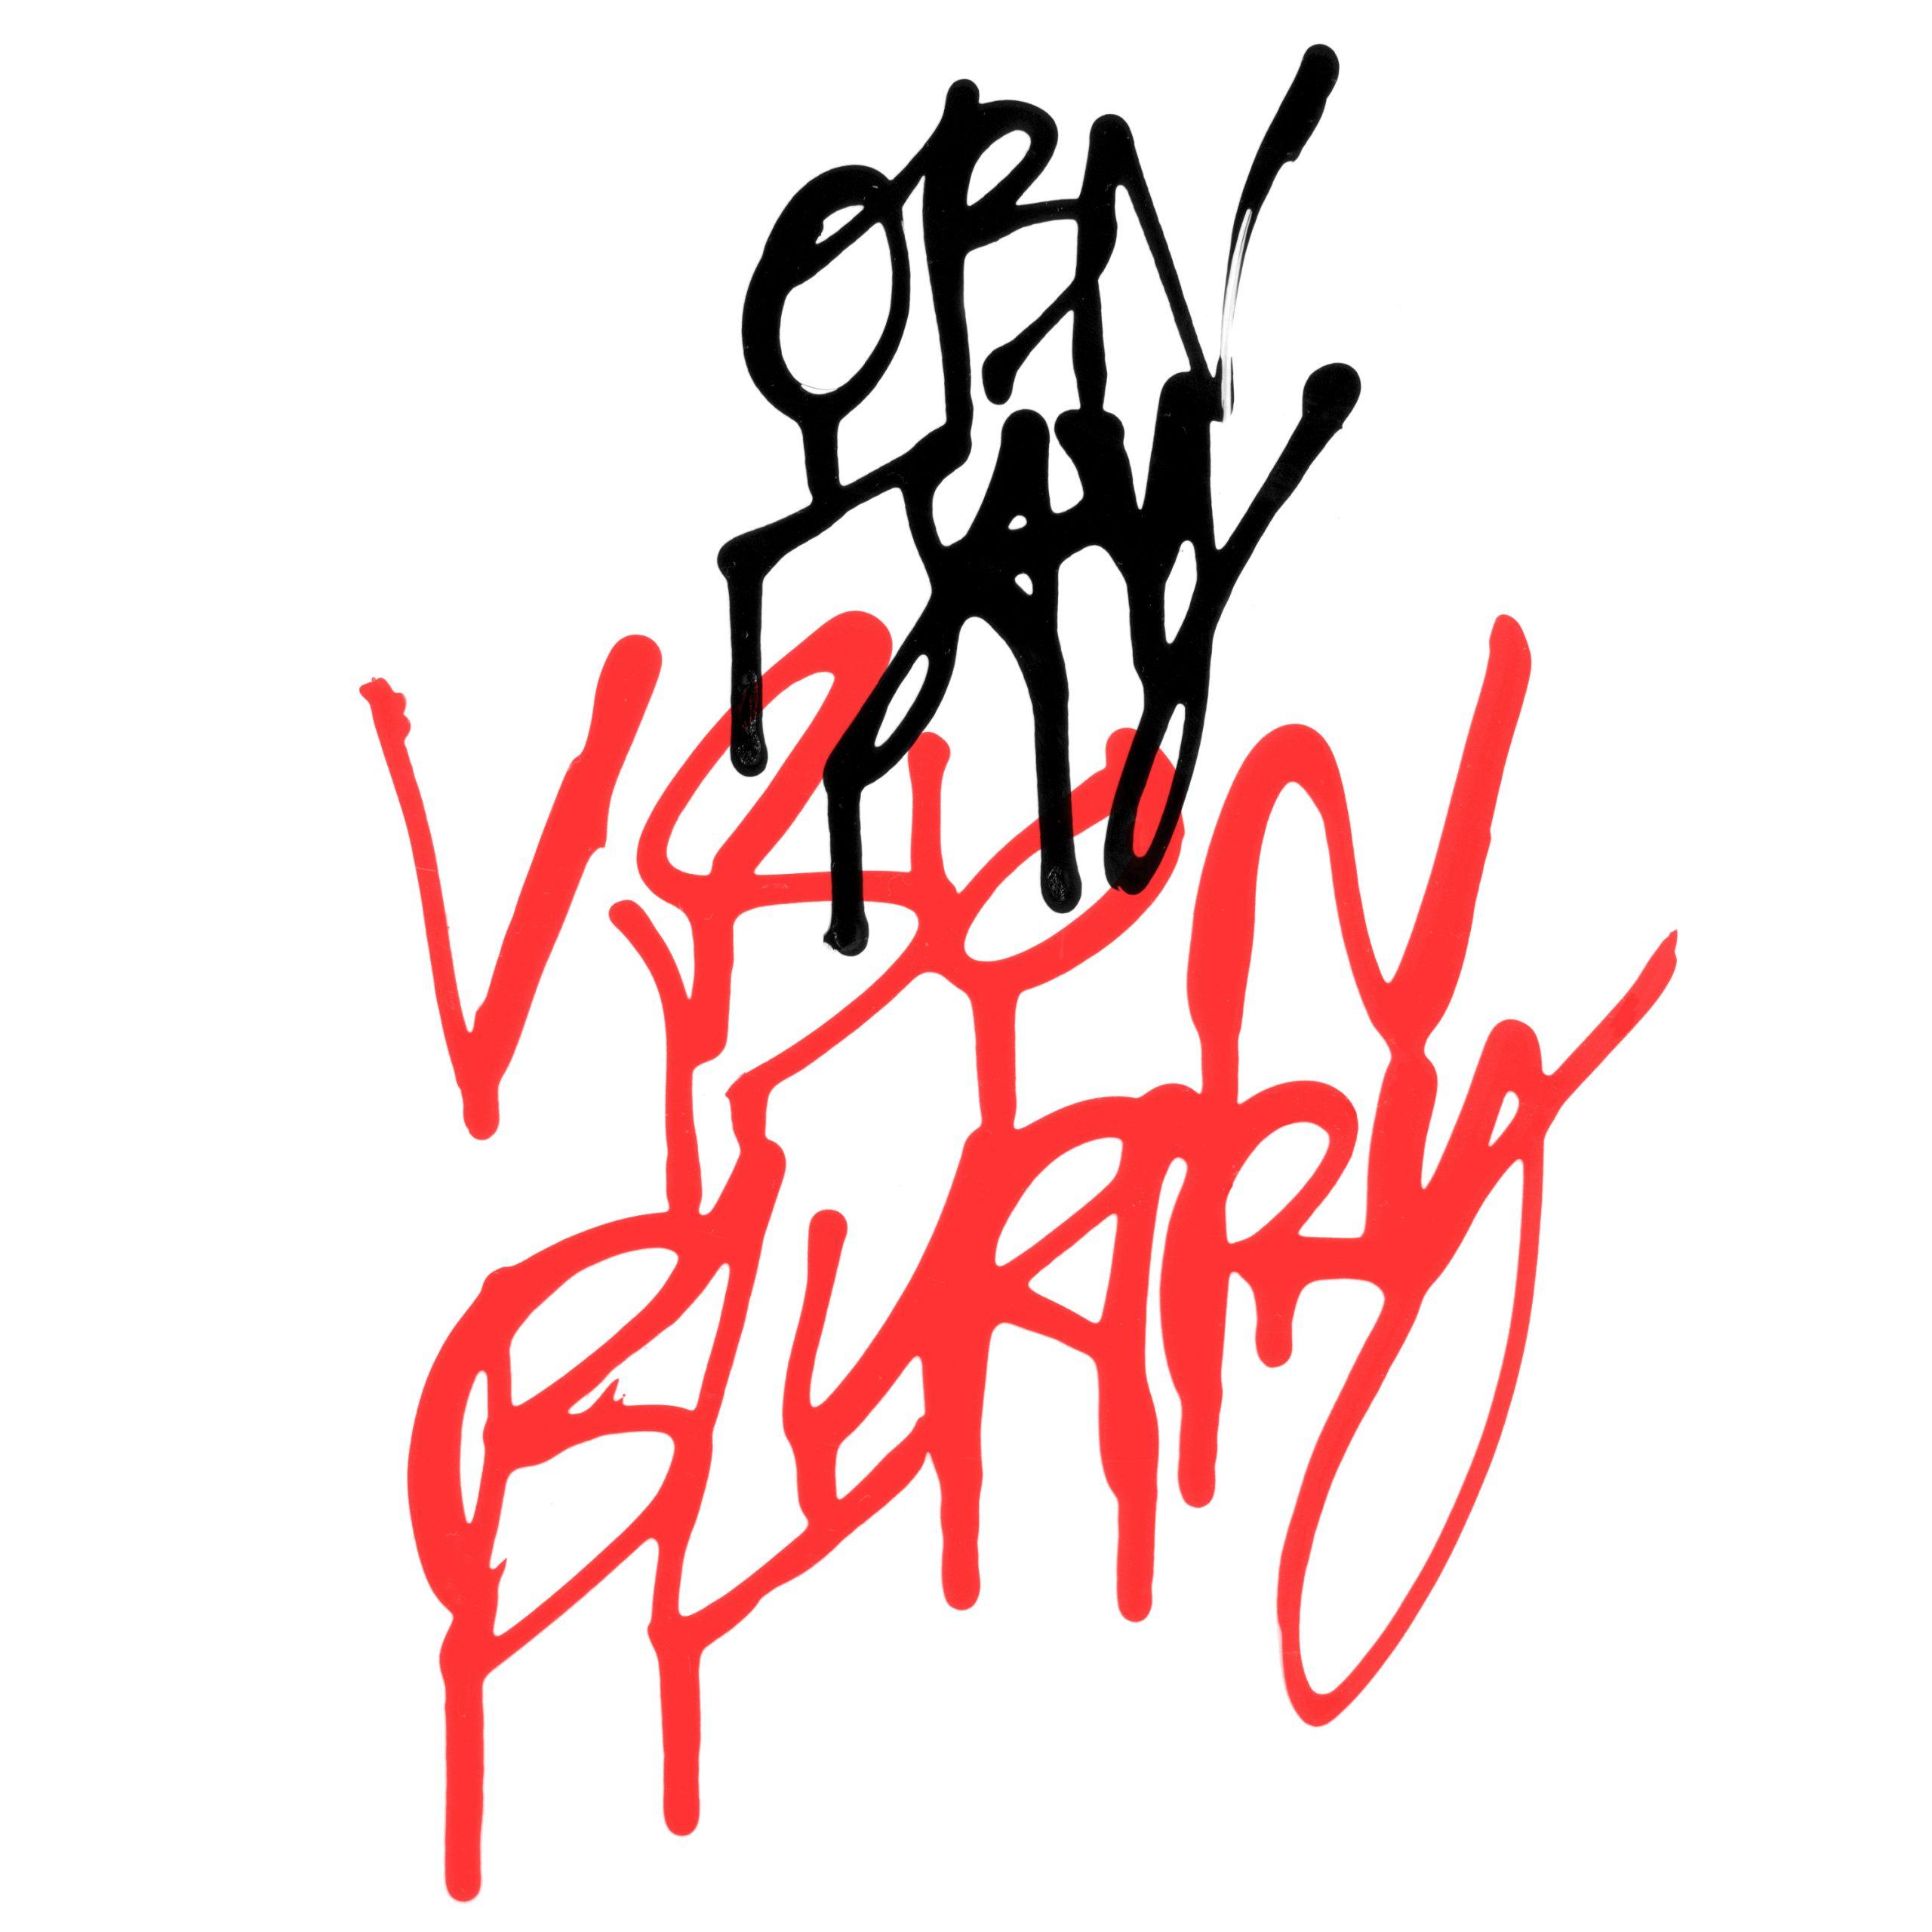 OBN-JAY_Vision-Blurry_10x10_Flat_RGB_M1